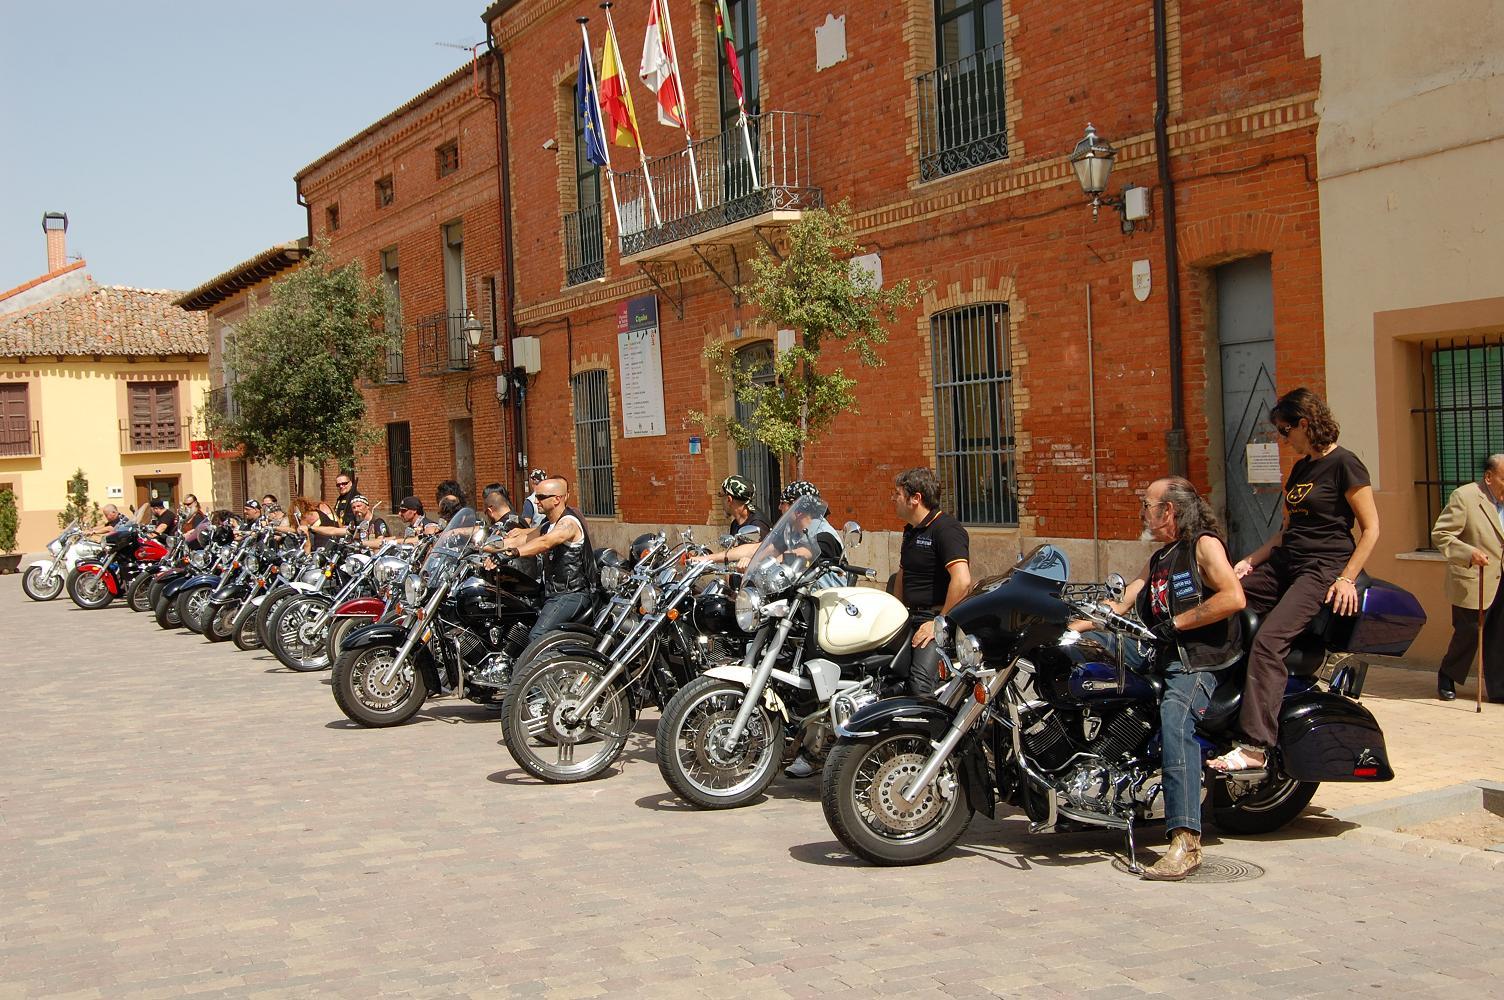 Turismo cigales motoclub vandalos visita cigales Oficina turismo valladolid